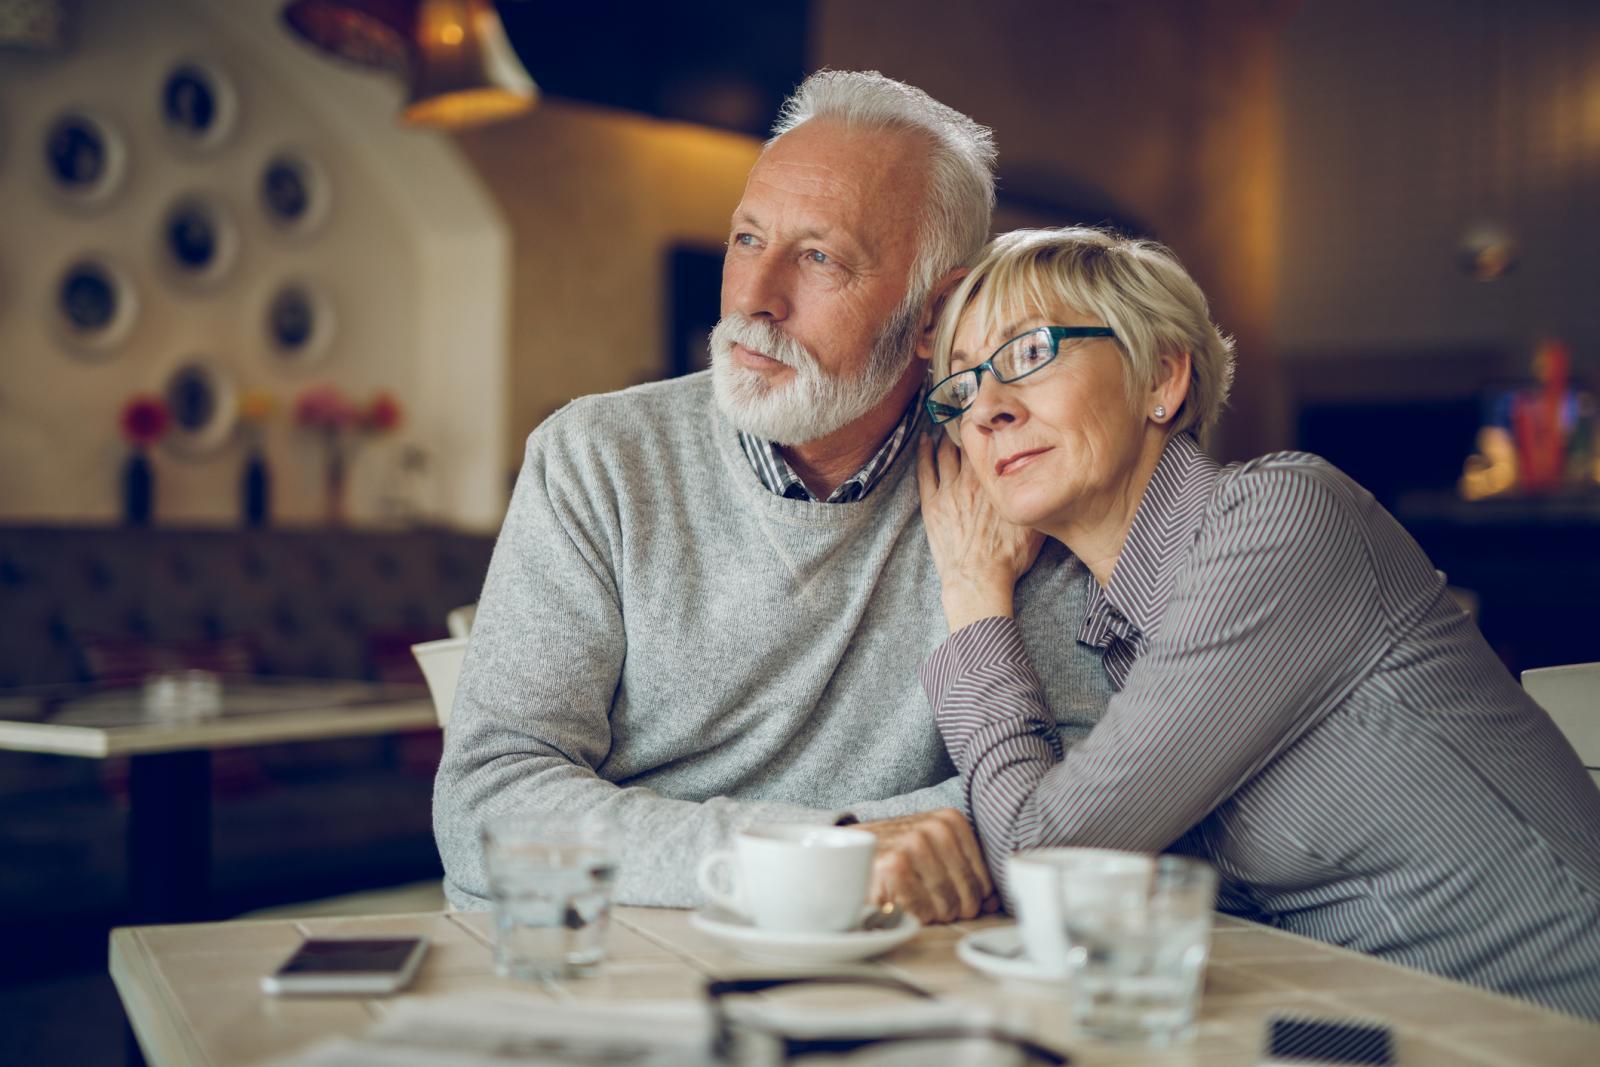 U određenim godinama, a pogotovo ako nemaju partnera, stariji od 65 godina nerijetko se osjećaju zaboravljeno i beskorisno.